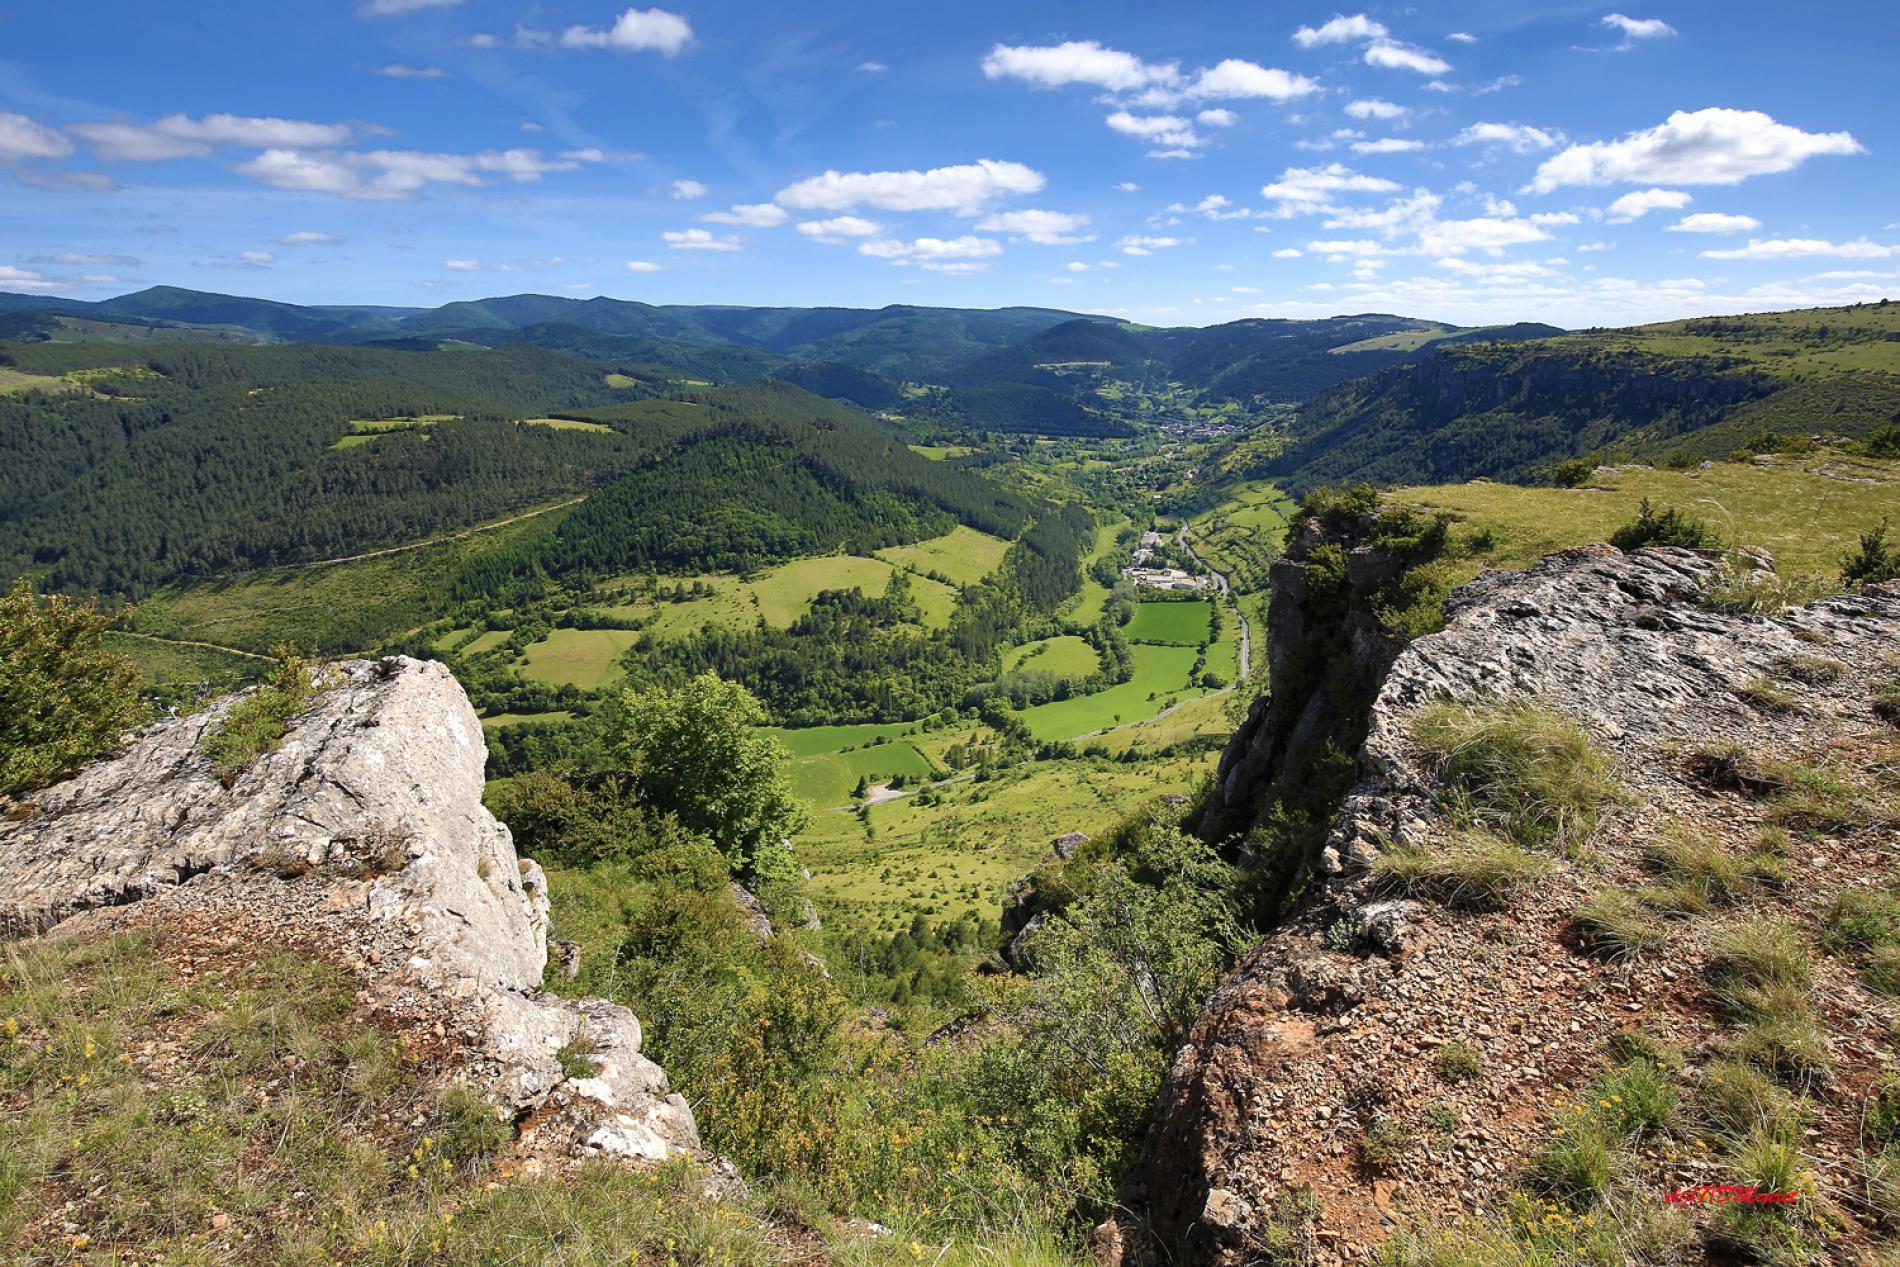 Le village de Meyrueis au cœur du Parc National de Cévennes